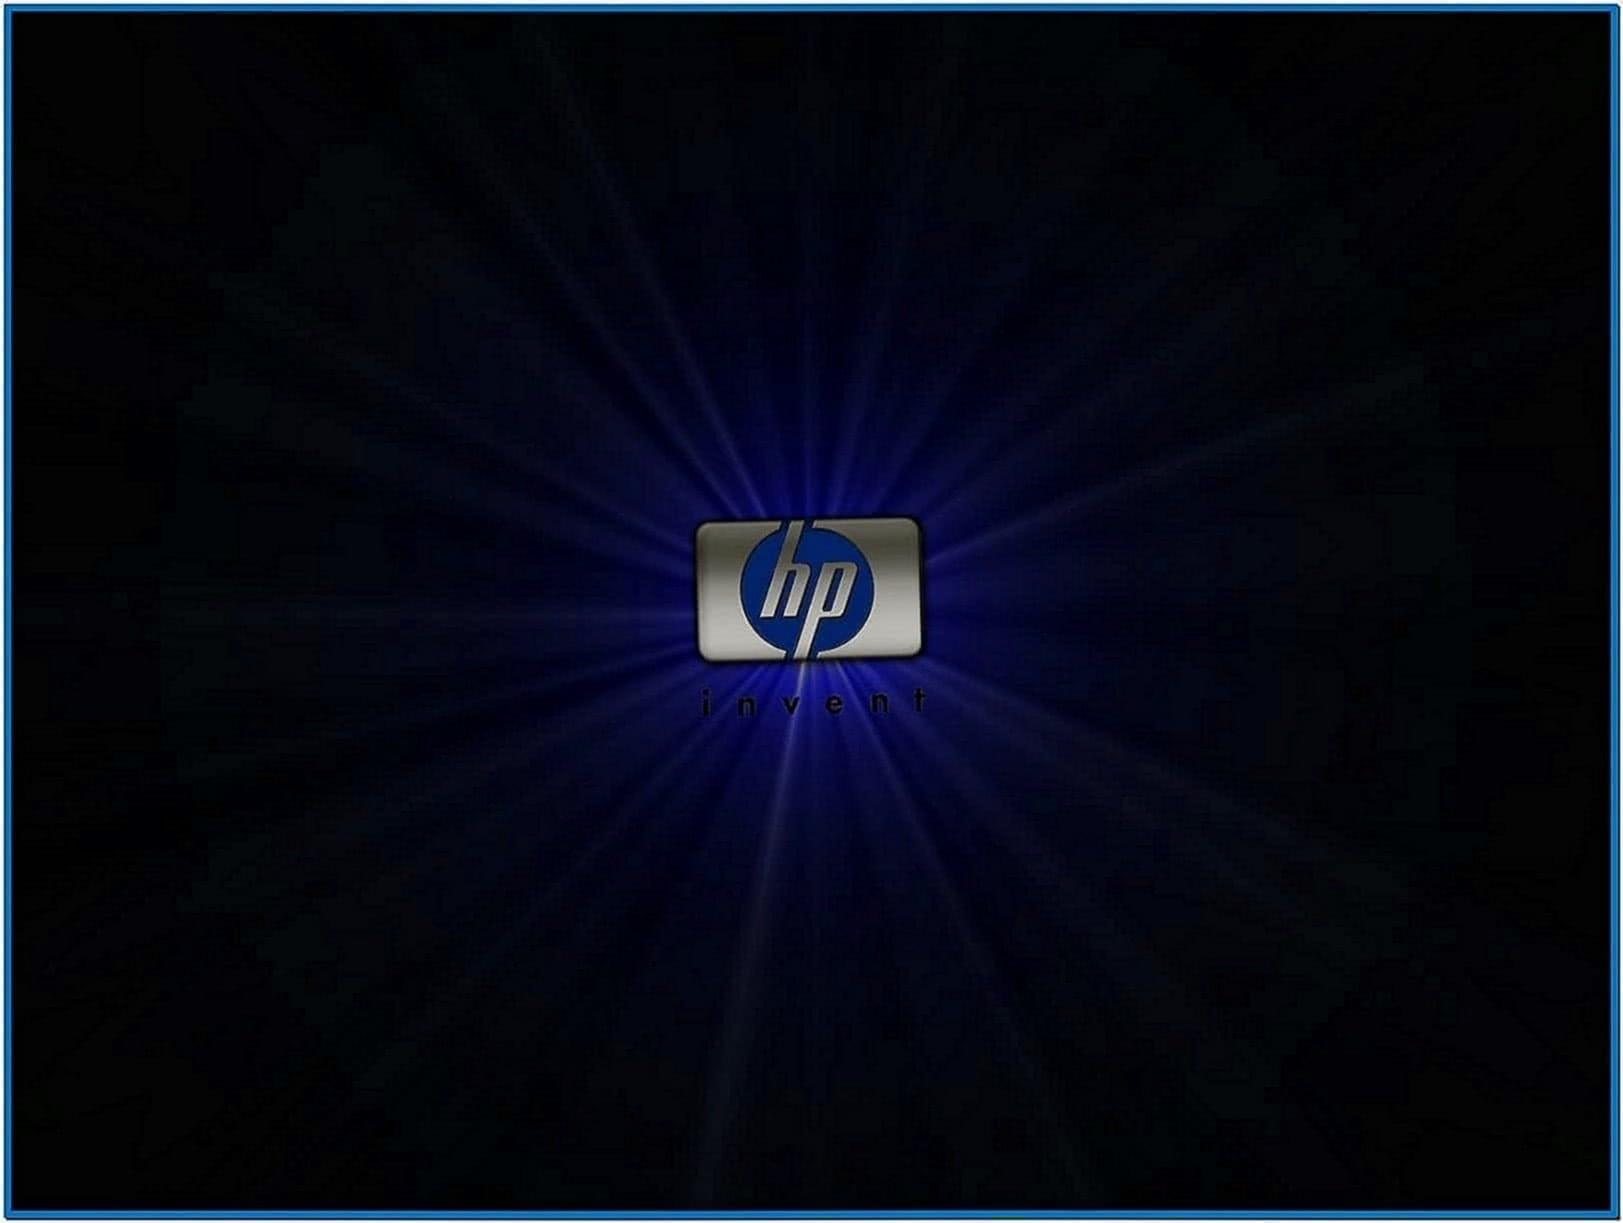 Screensavers hp laptops download free - Hp screensaver ...